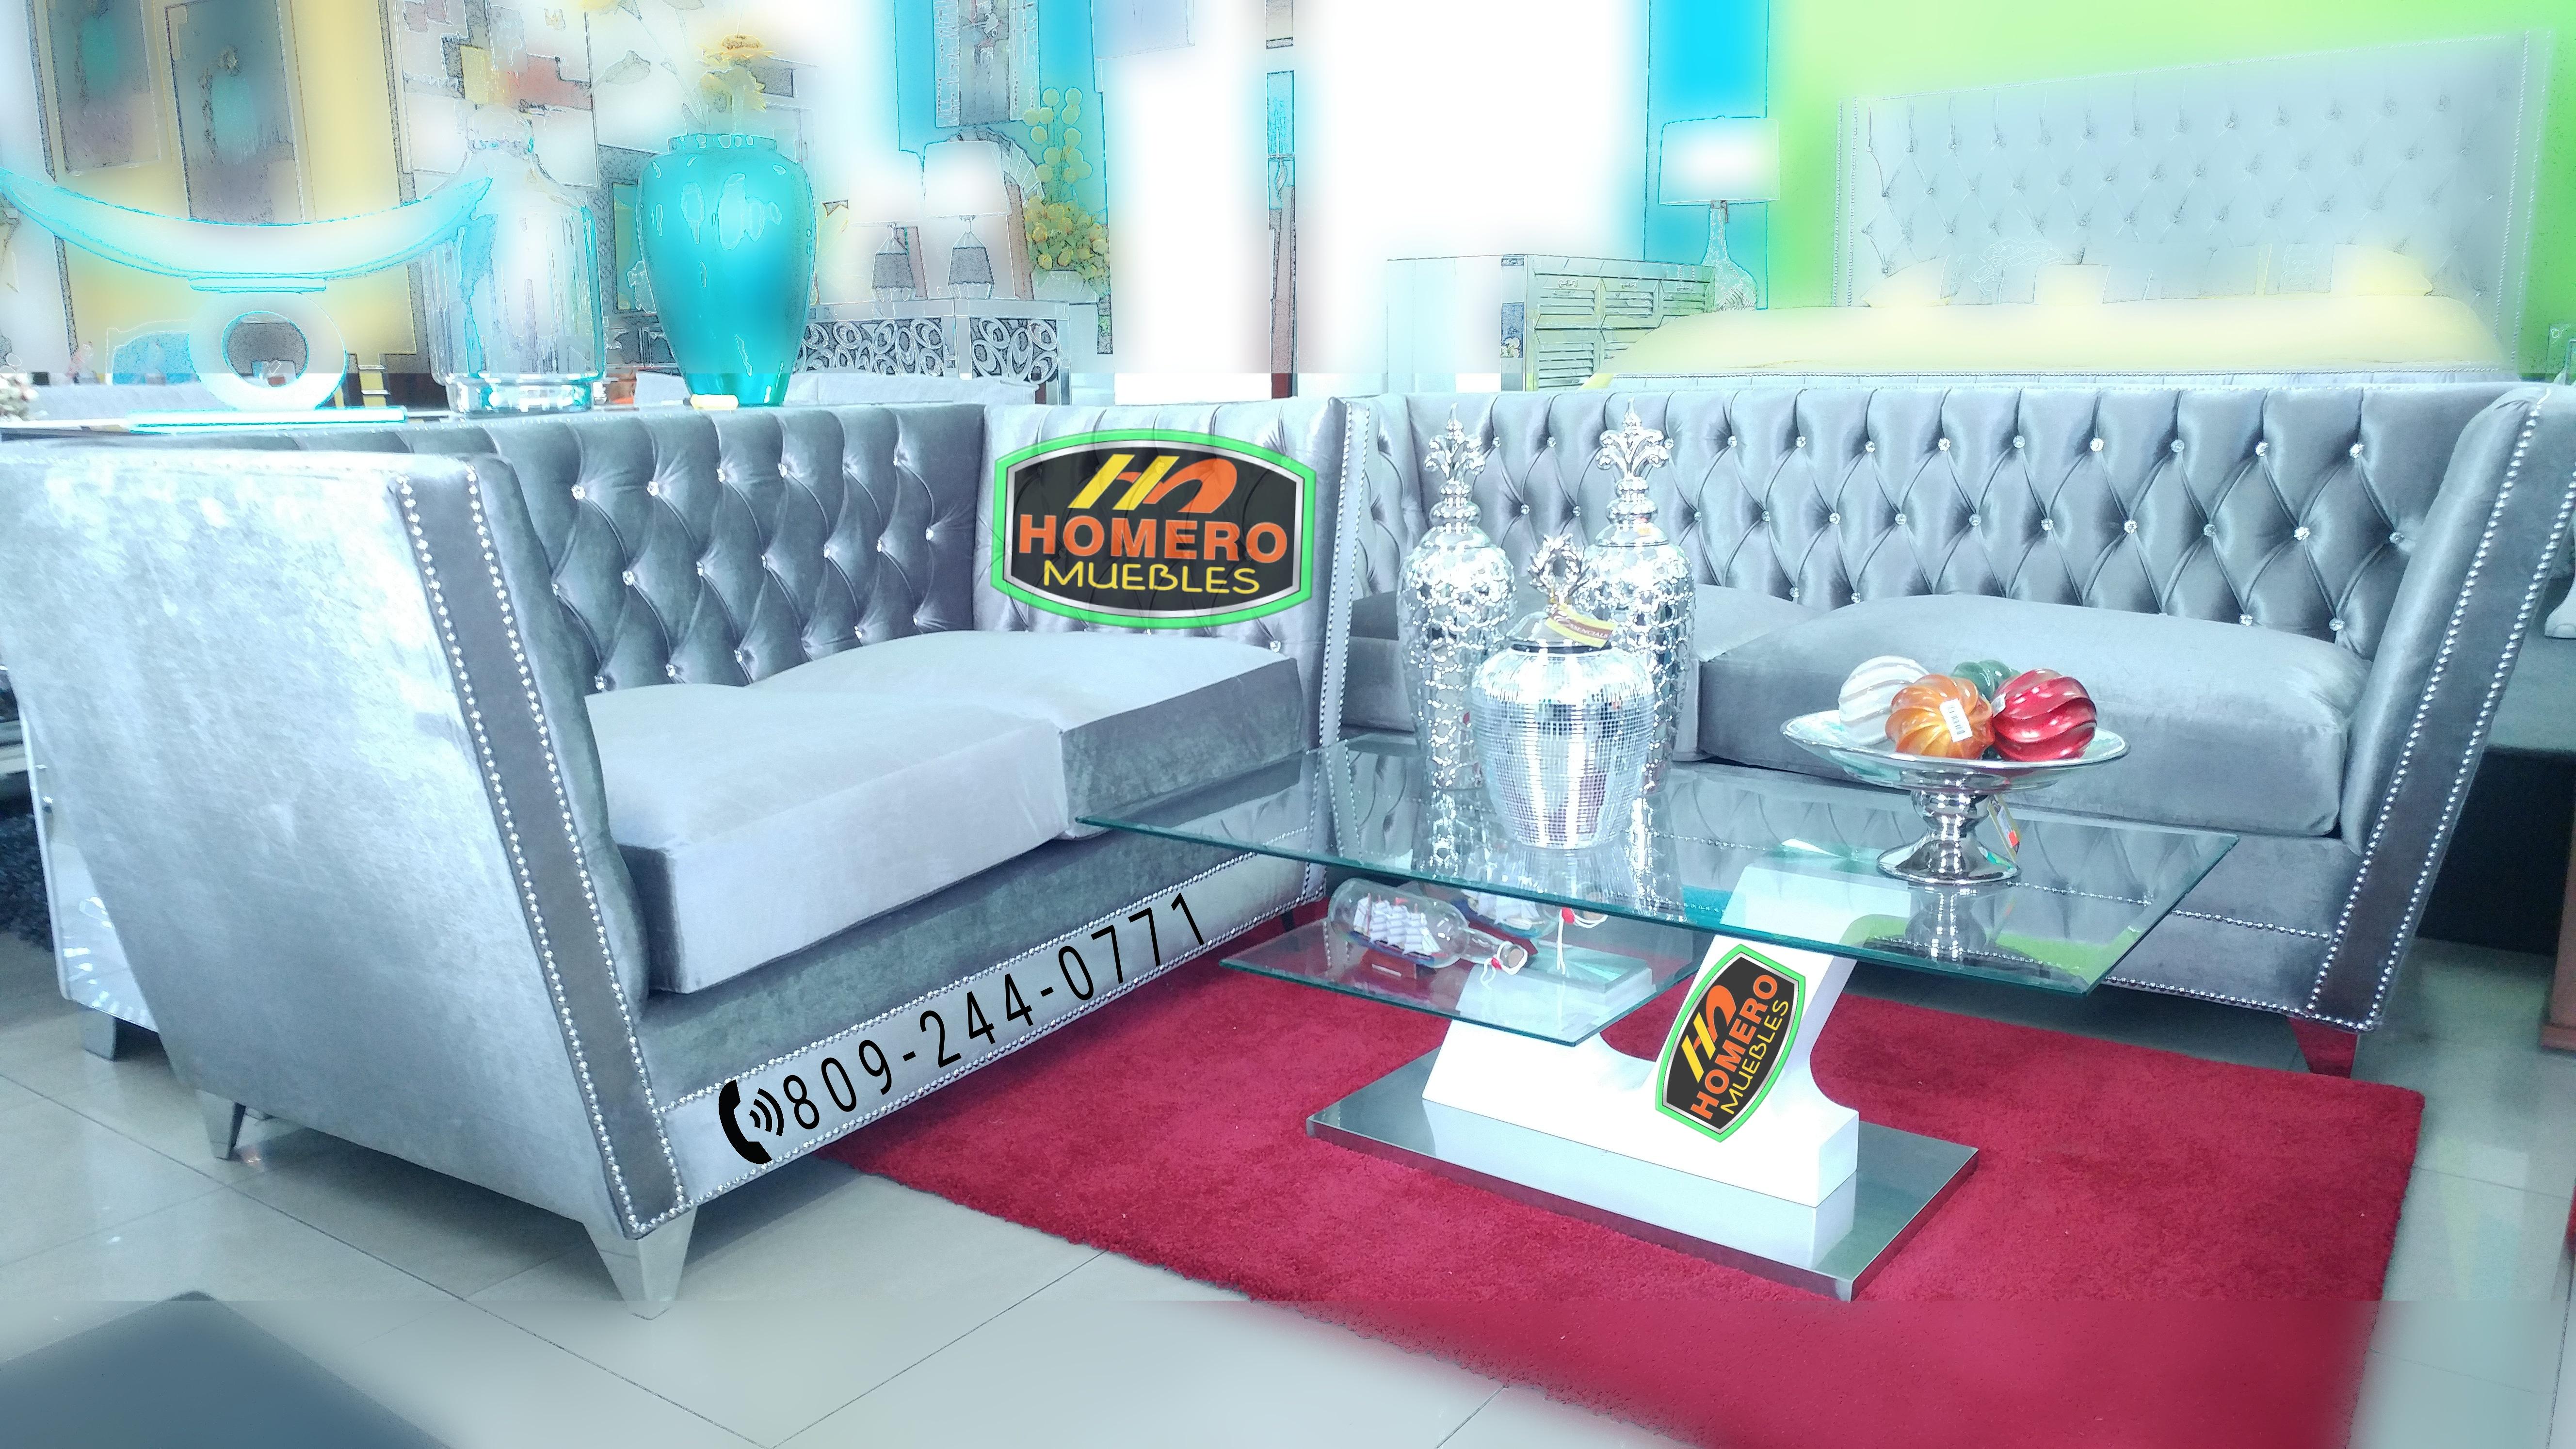 Homero Muebles Mueble Moderno # Muebles Lopez Y Lopez